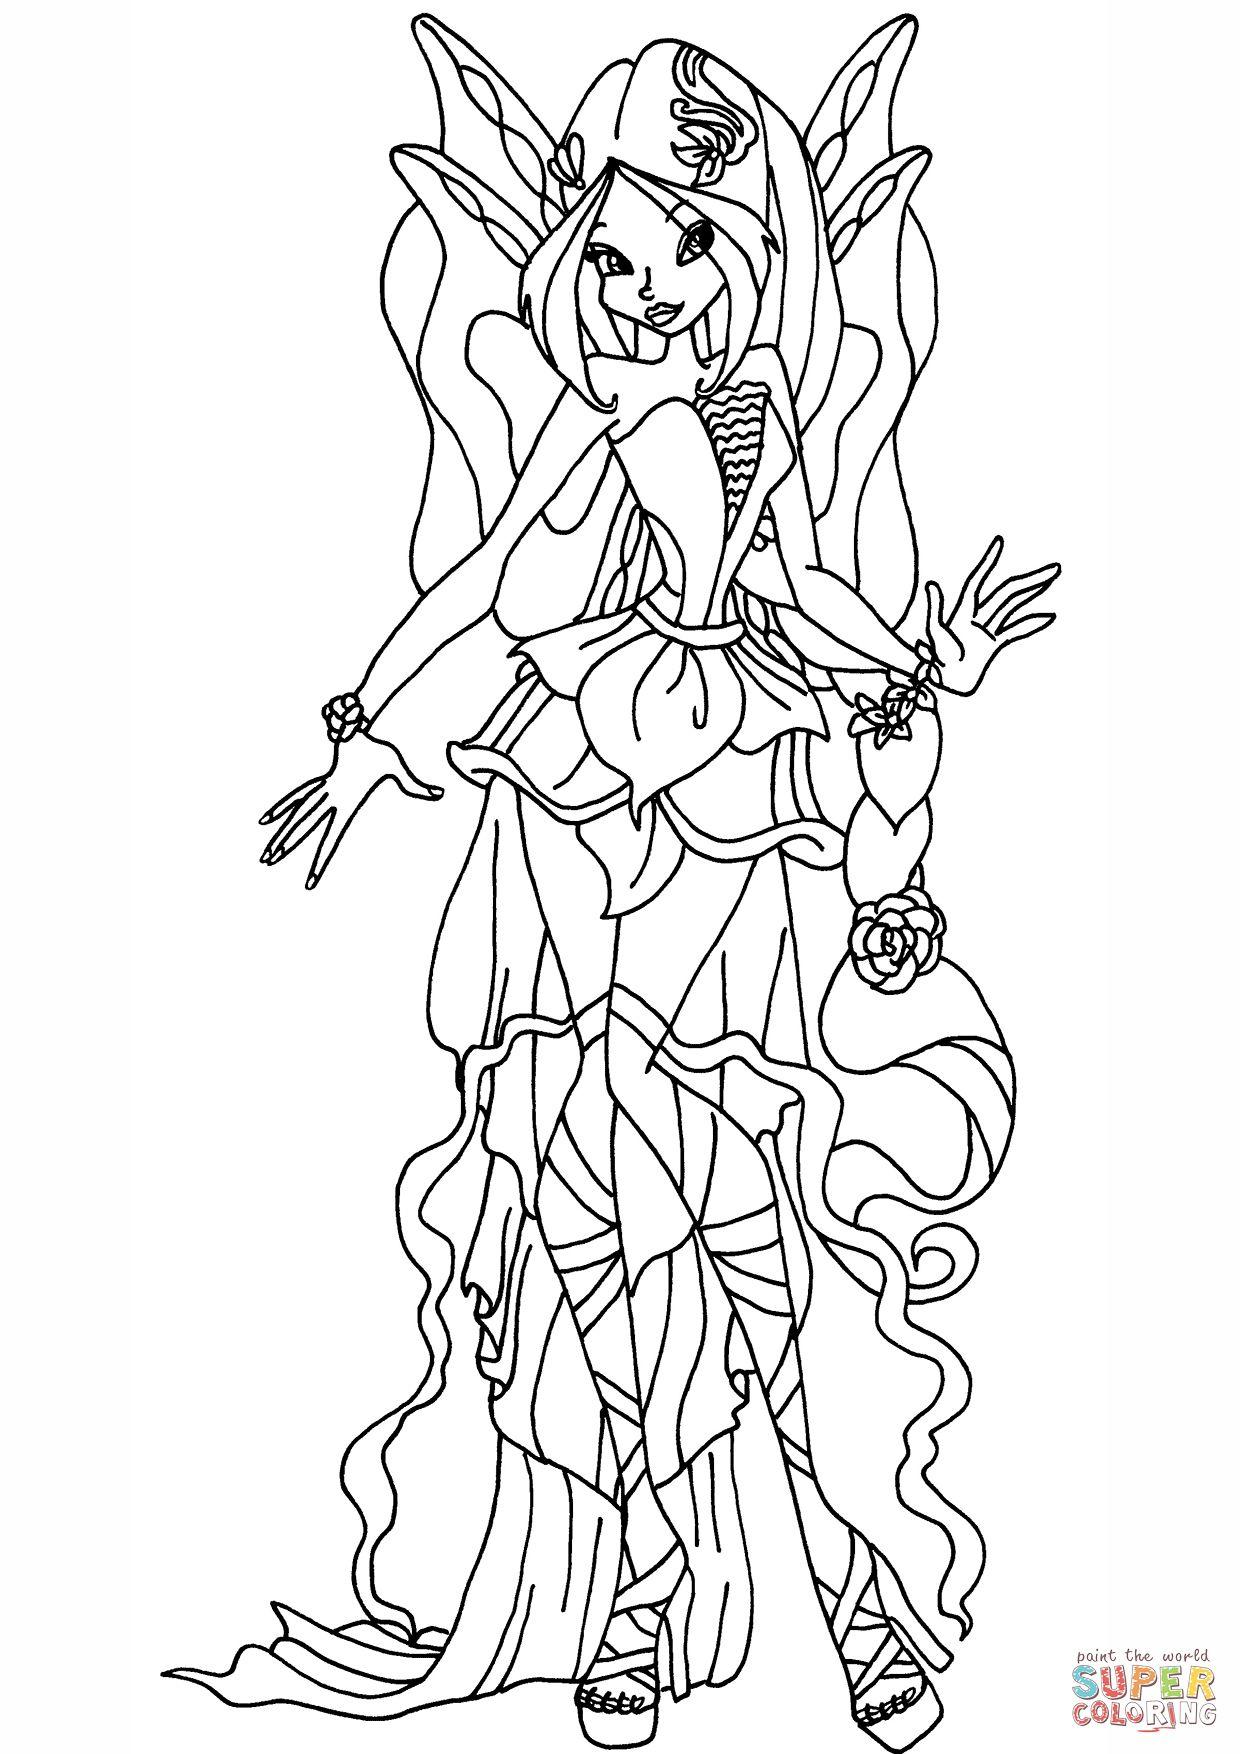 Tranh Tô Màu Công Chúa Phép Thuật Winx - Tecna 25